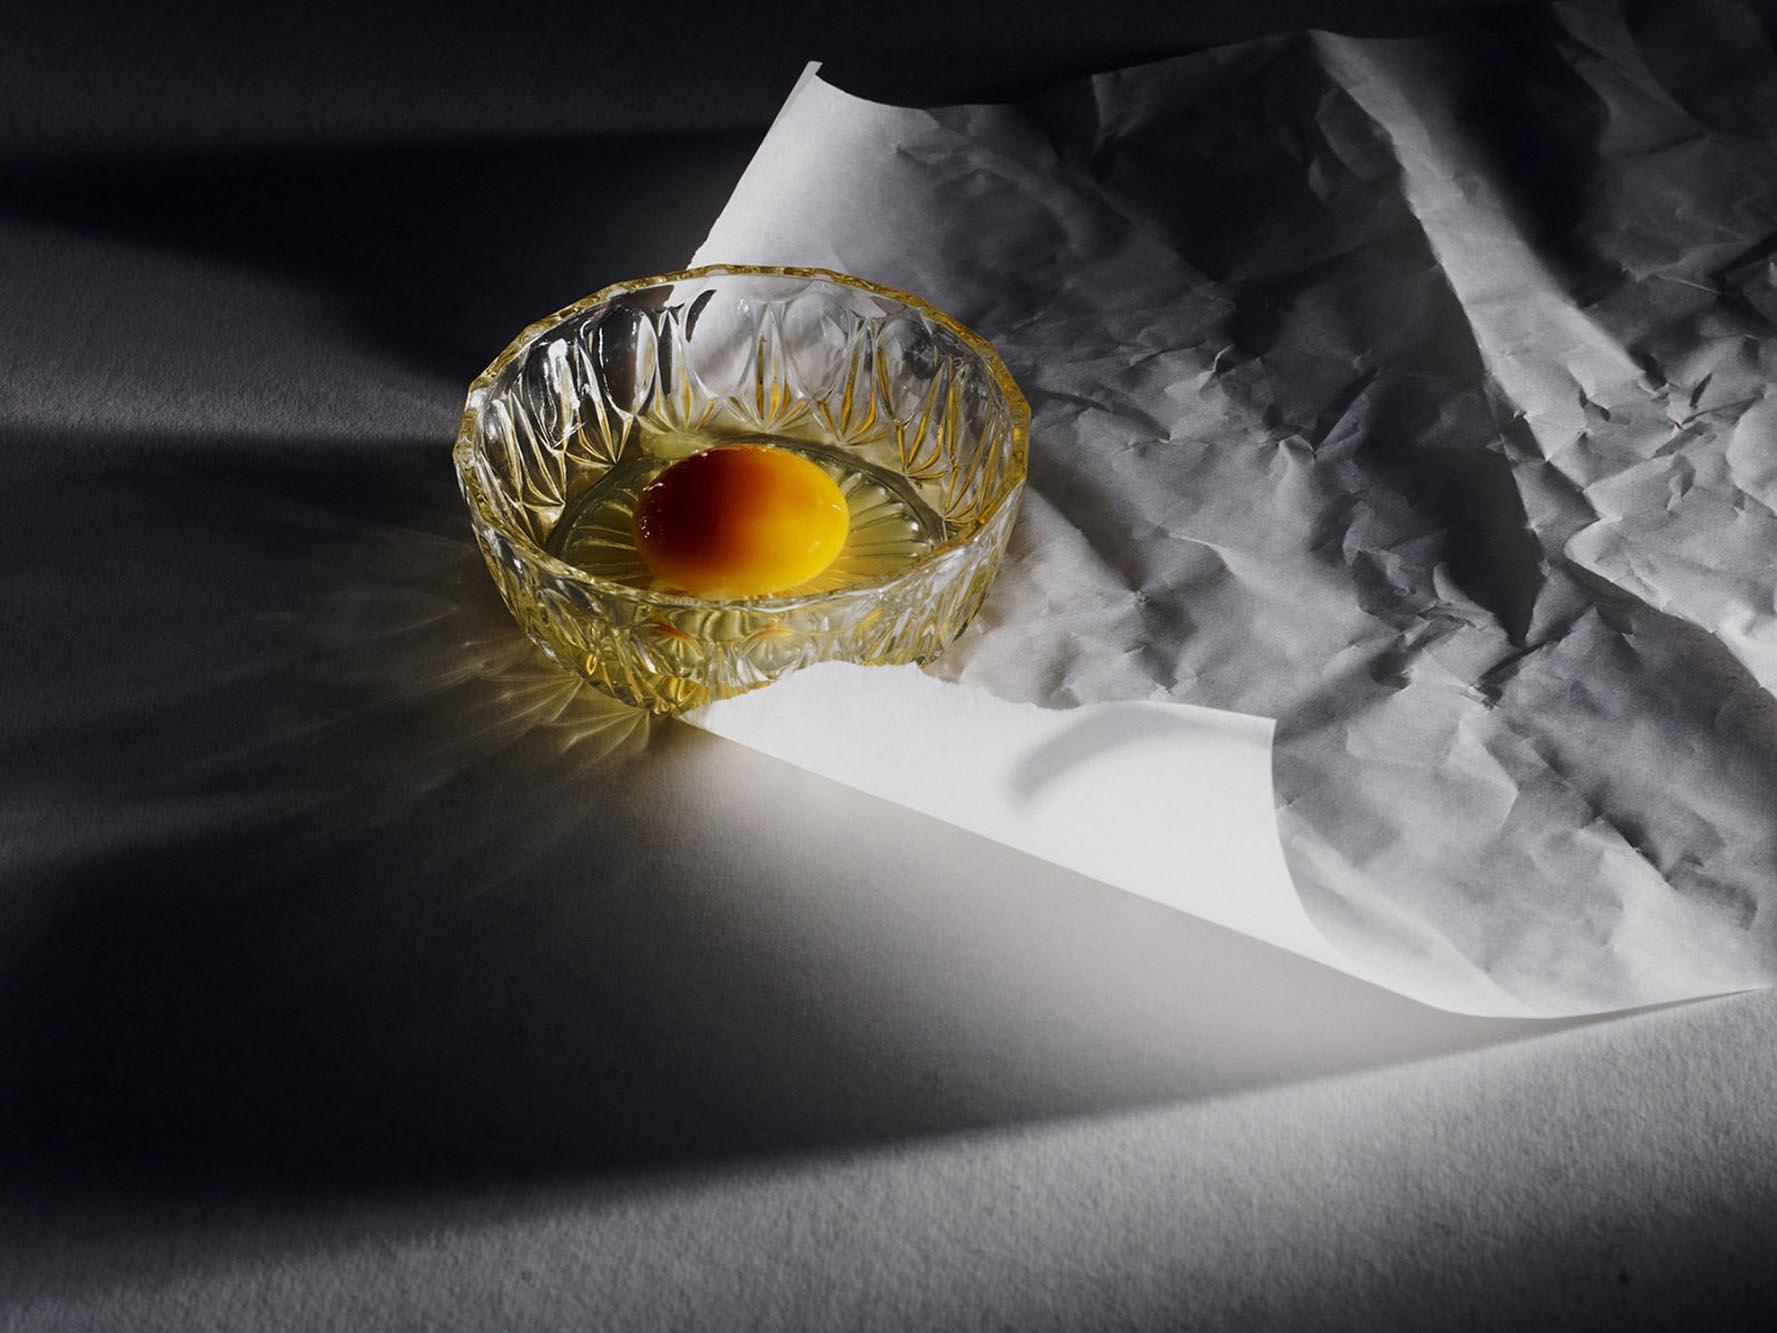 Noel McLaughlin Raw Egg in Glass Bowl